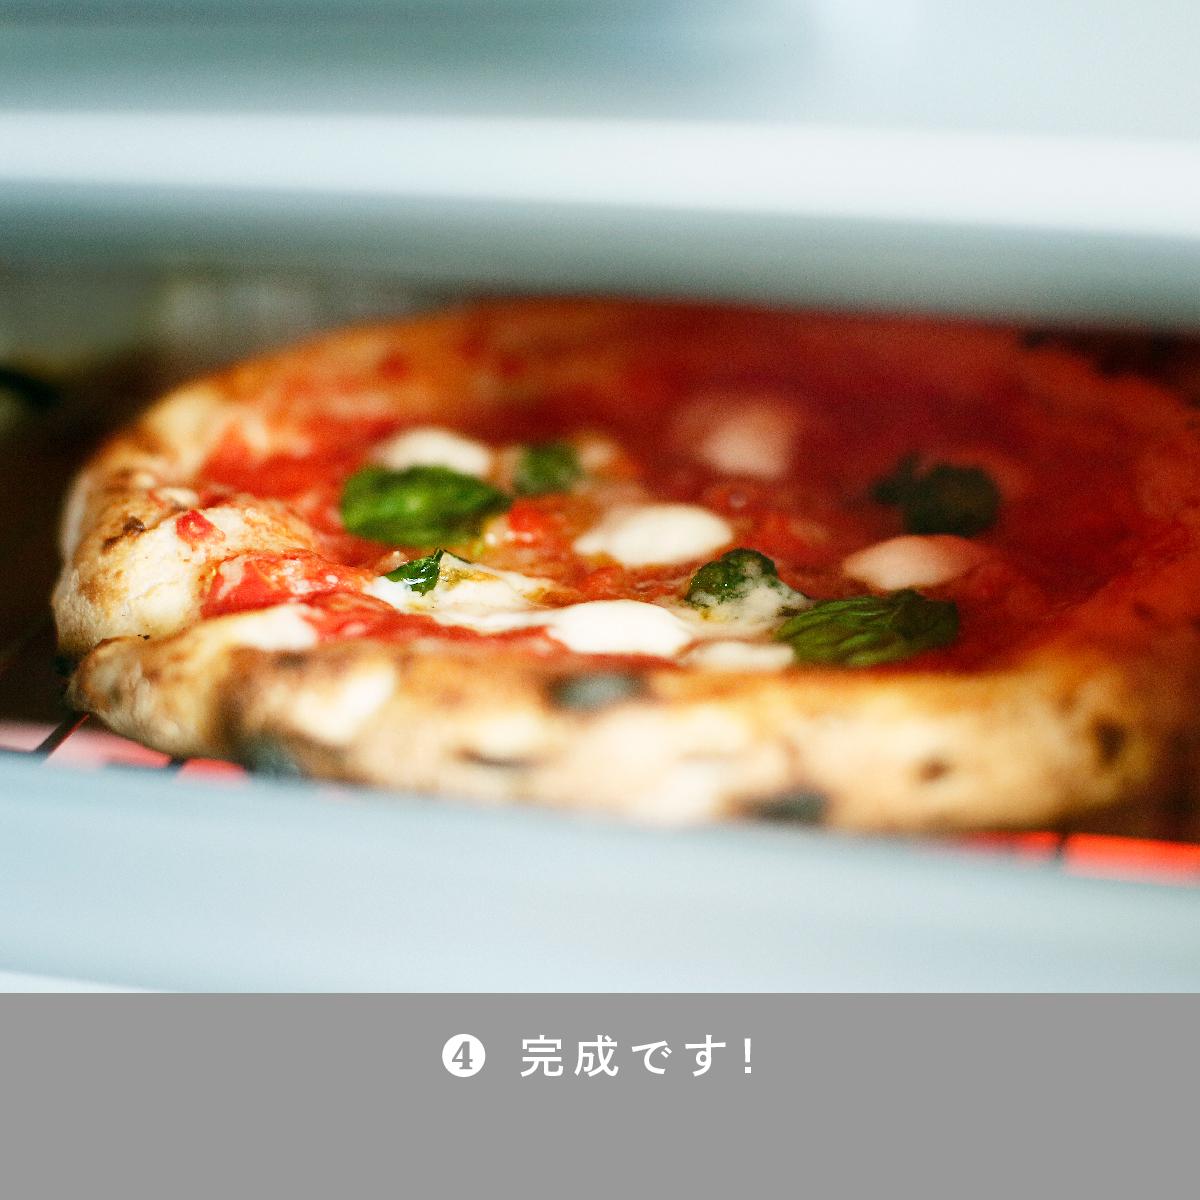 表面のチーズとソースがグツグツし始めたら食べ頃のサイン。PIZZAは焼きたてが美味しいですよ!